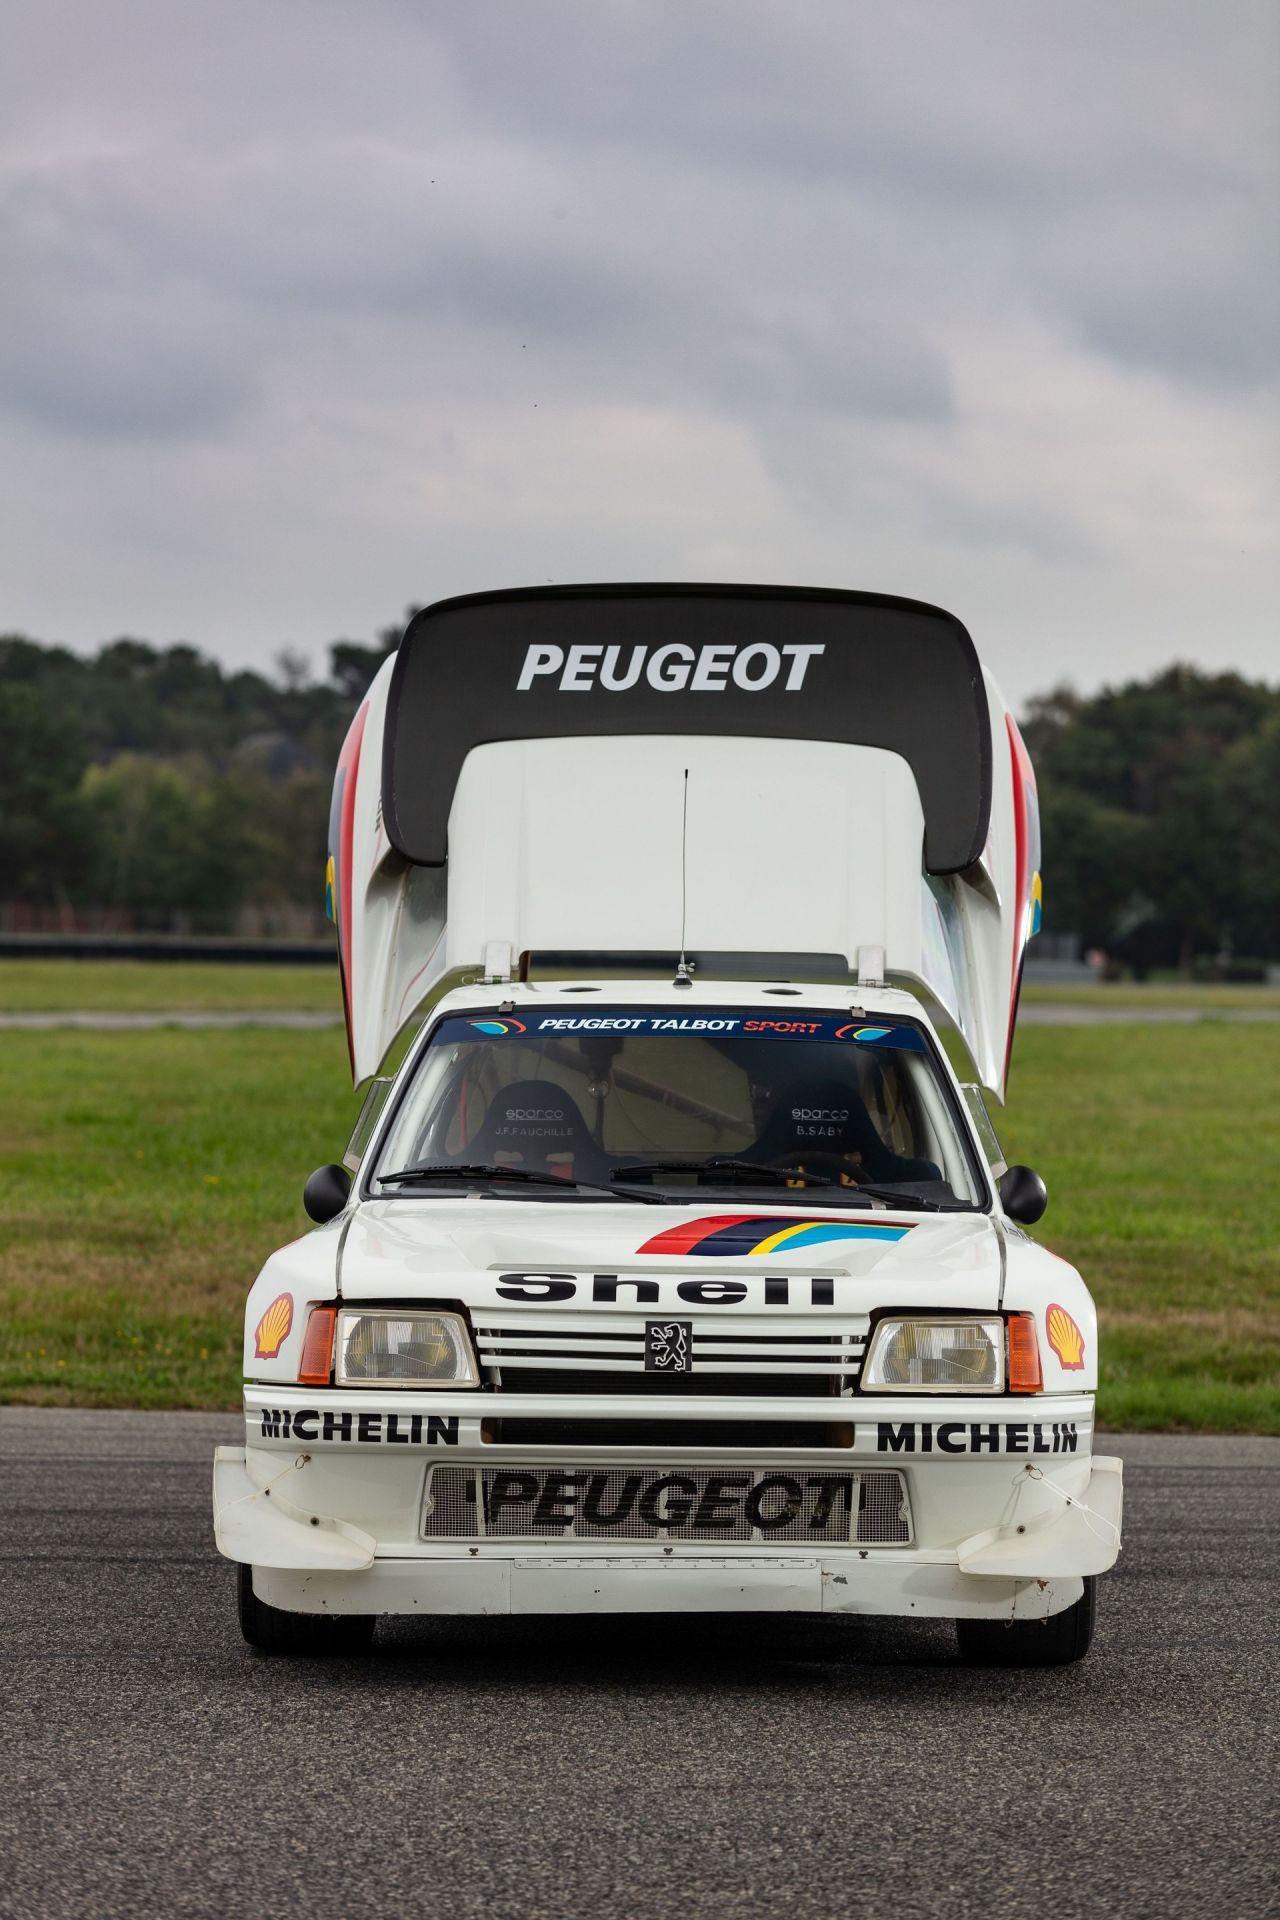 1985_Peugeot_205_Turbo_16_Evolution_2_sale-0053